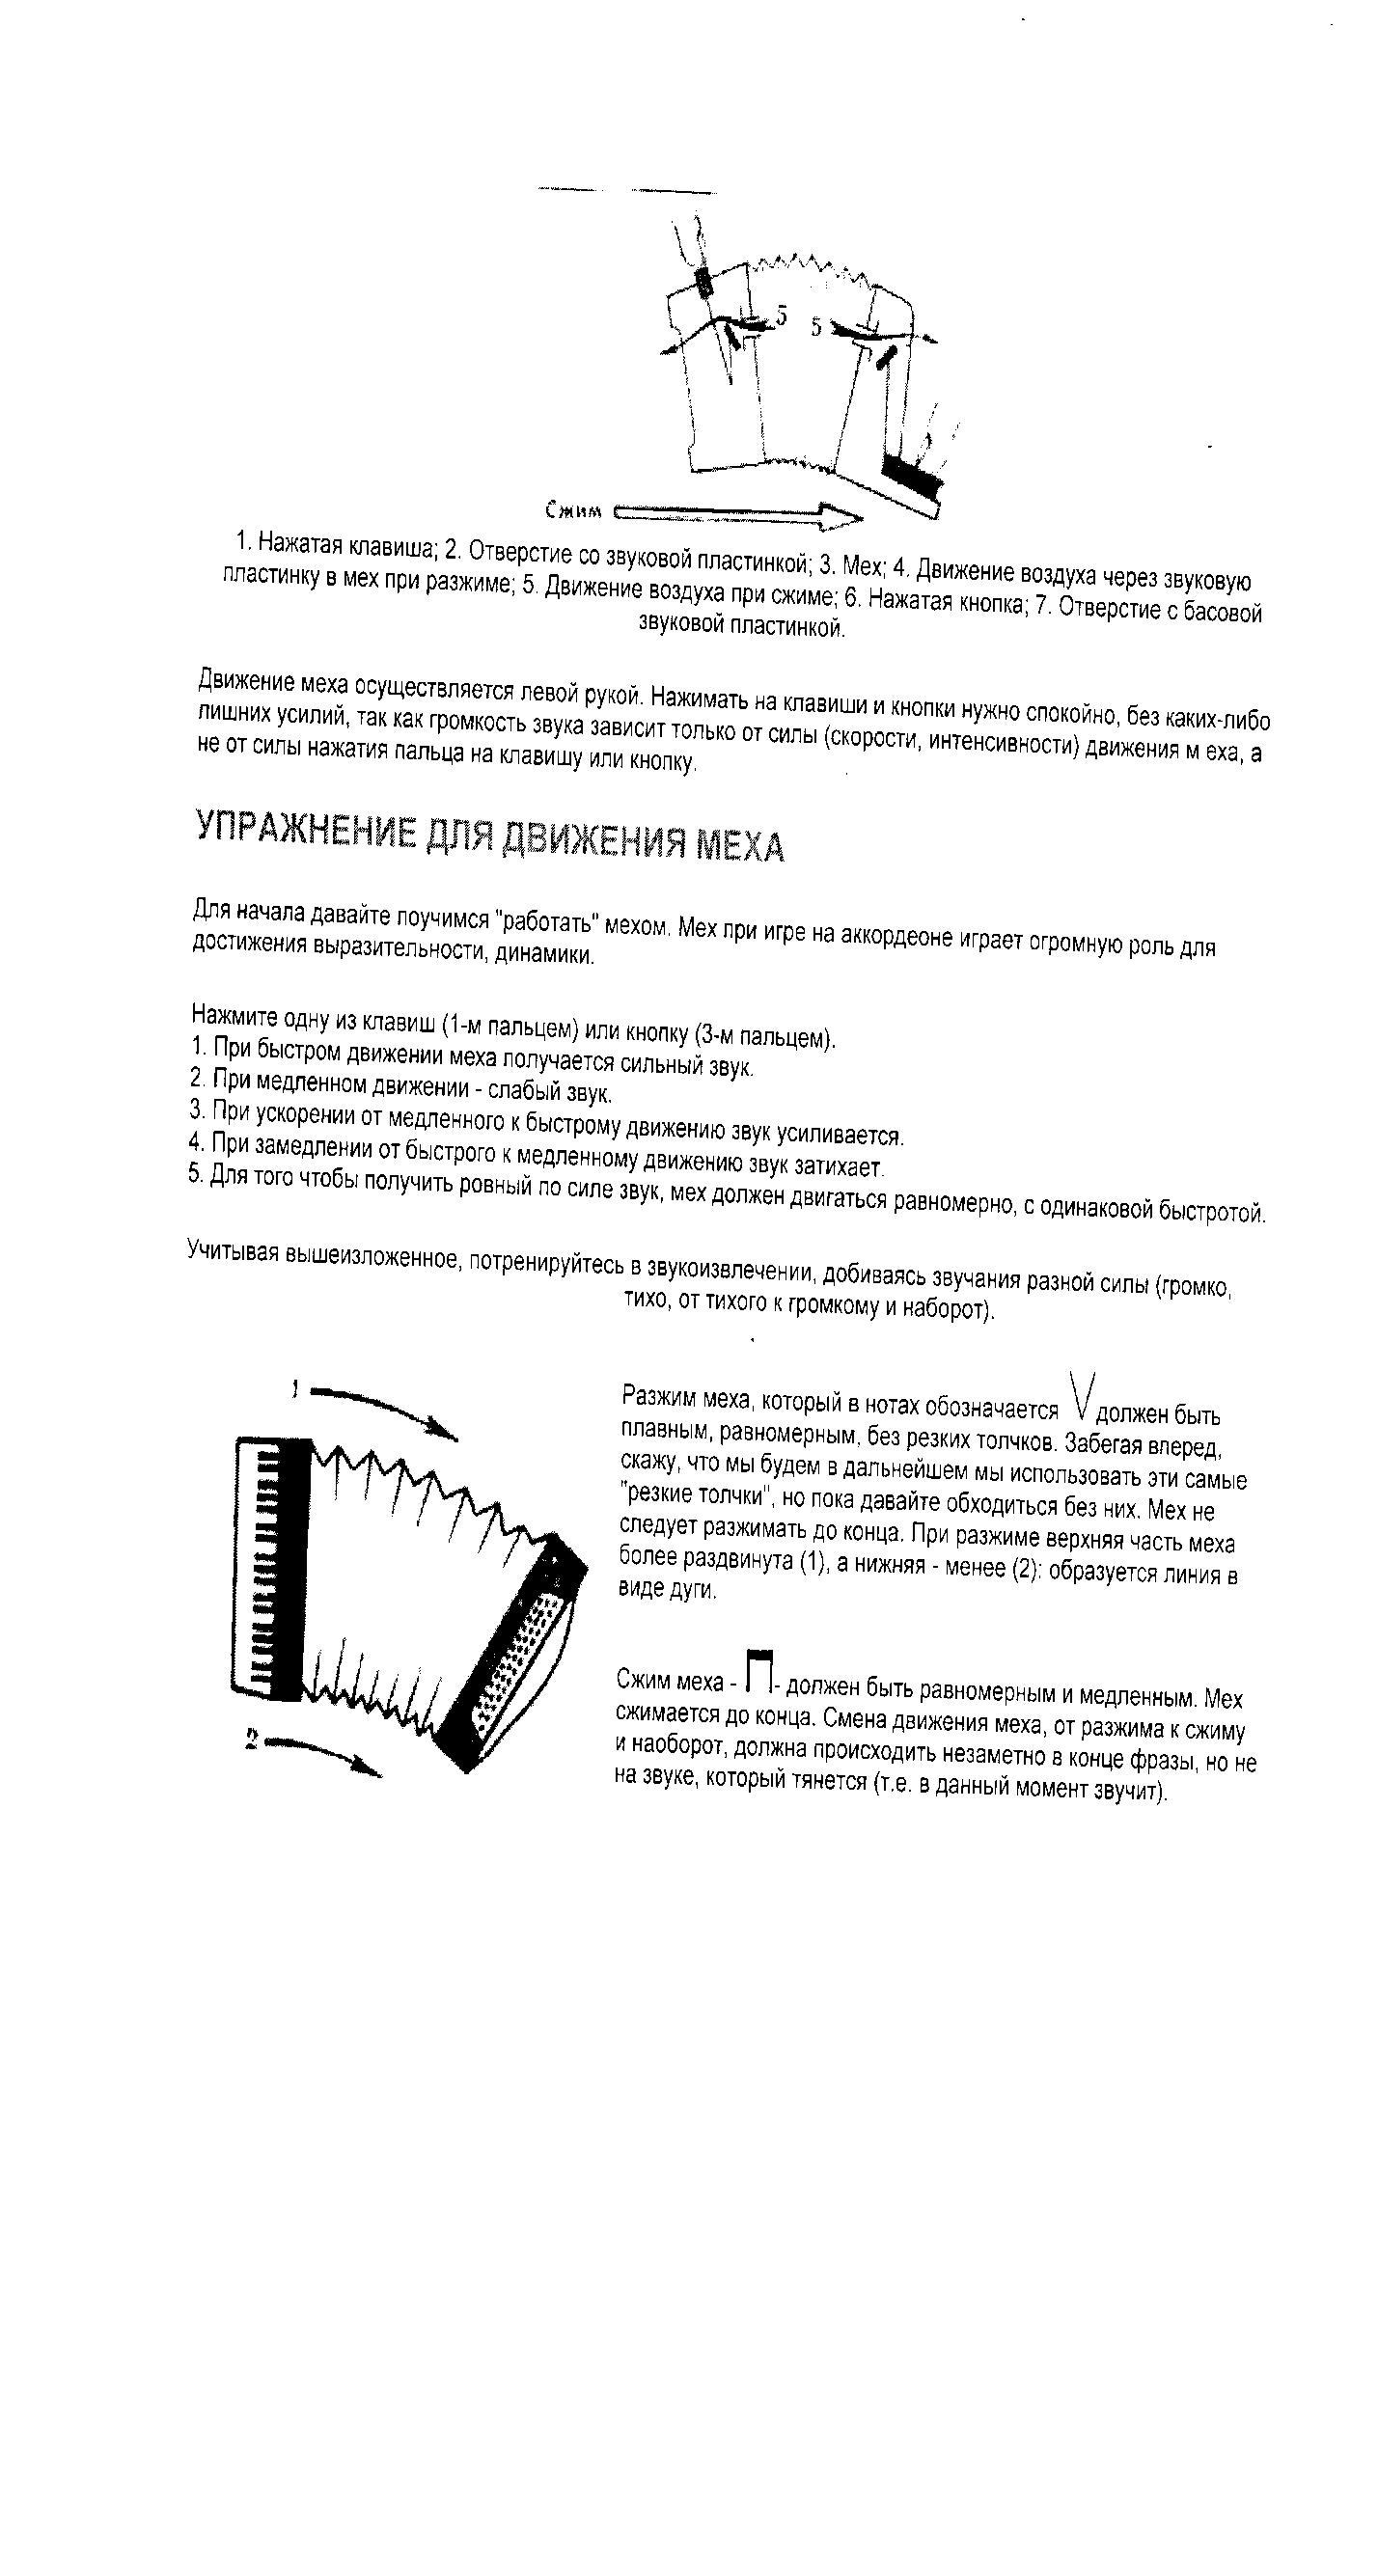 C:\Documents and Settings\User\Мои документы\Мои рисунки\2011-09-11\Scan2.TIF